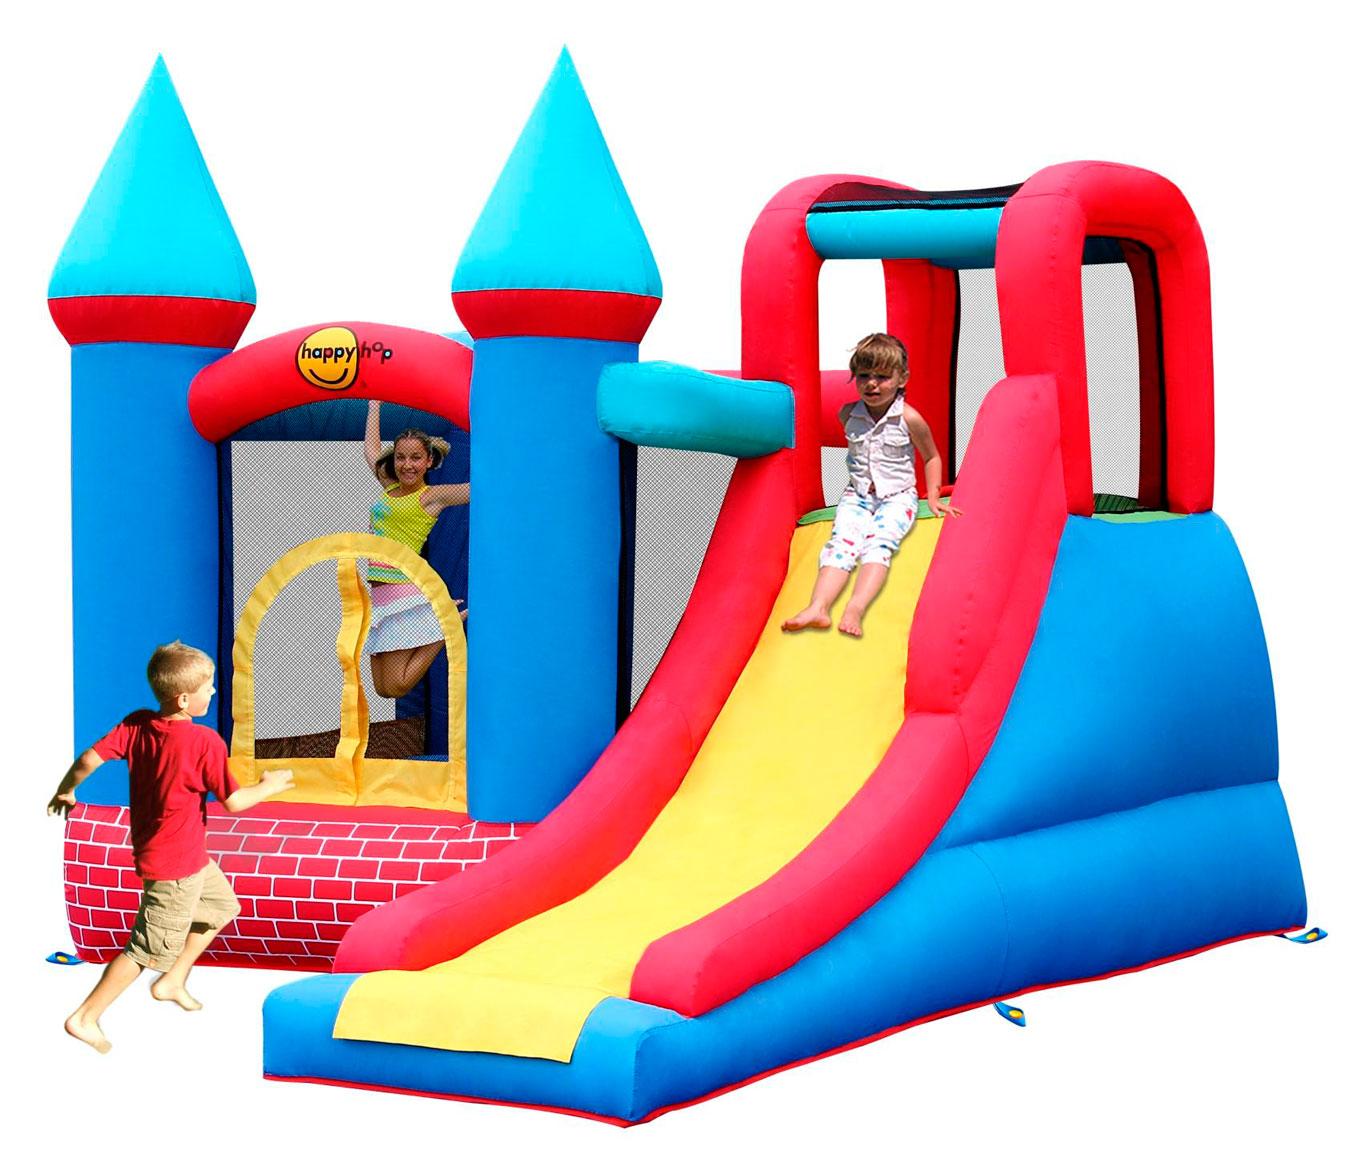 Надувной батут Замок с горкой 9007 (Замок приключений) батут детский надувной jumpo волшебный замок 225x220x215 см